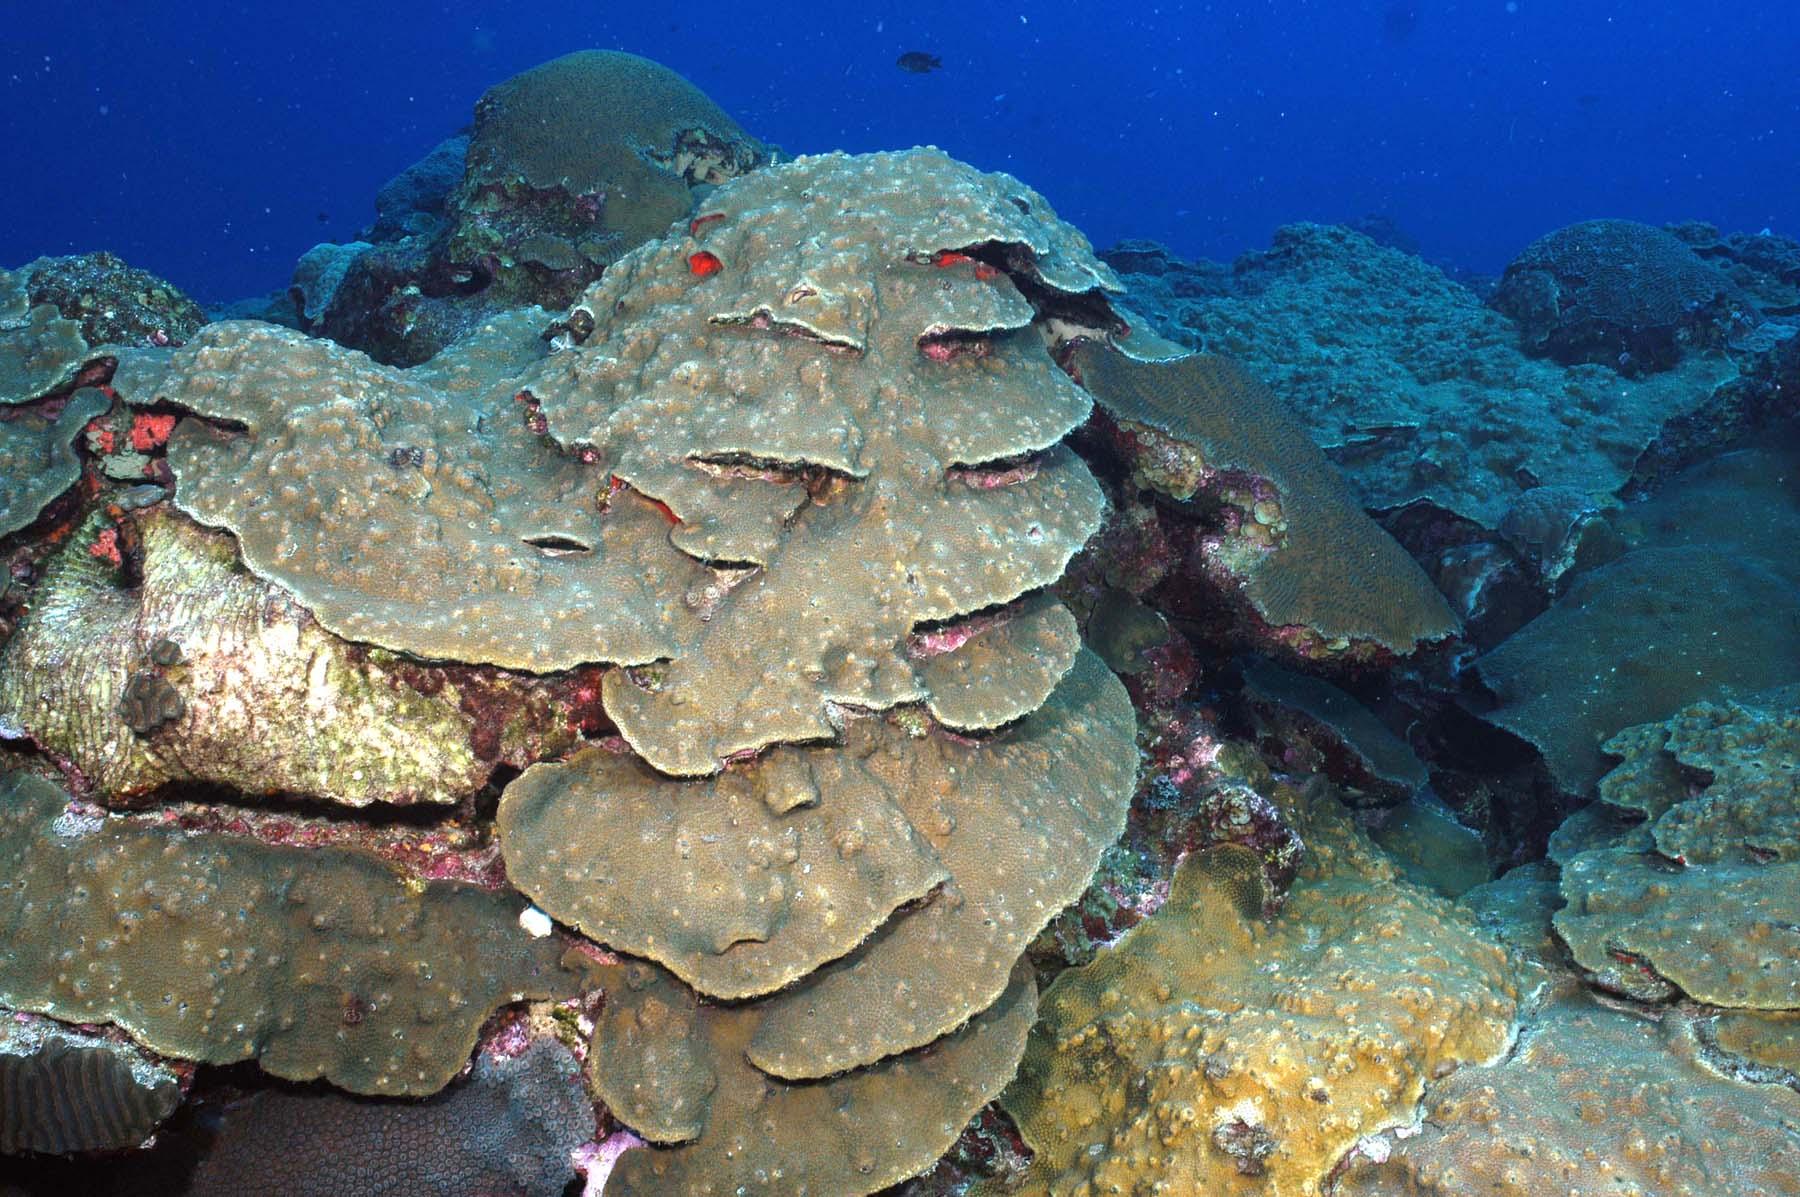 reefscapegps